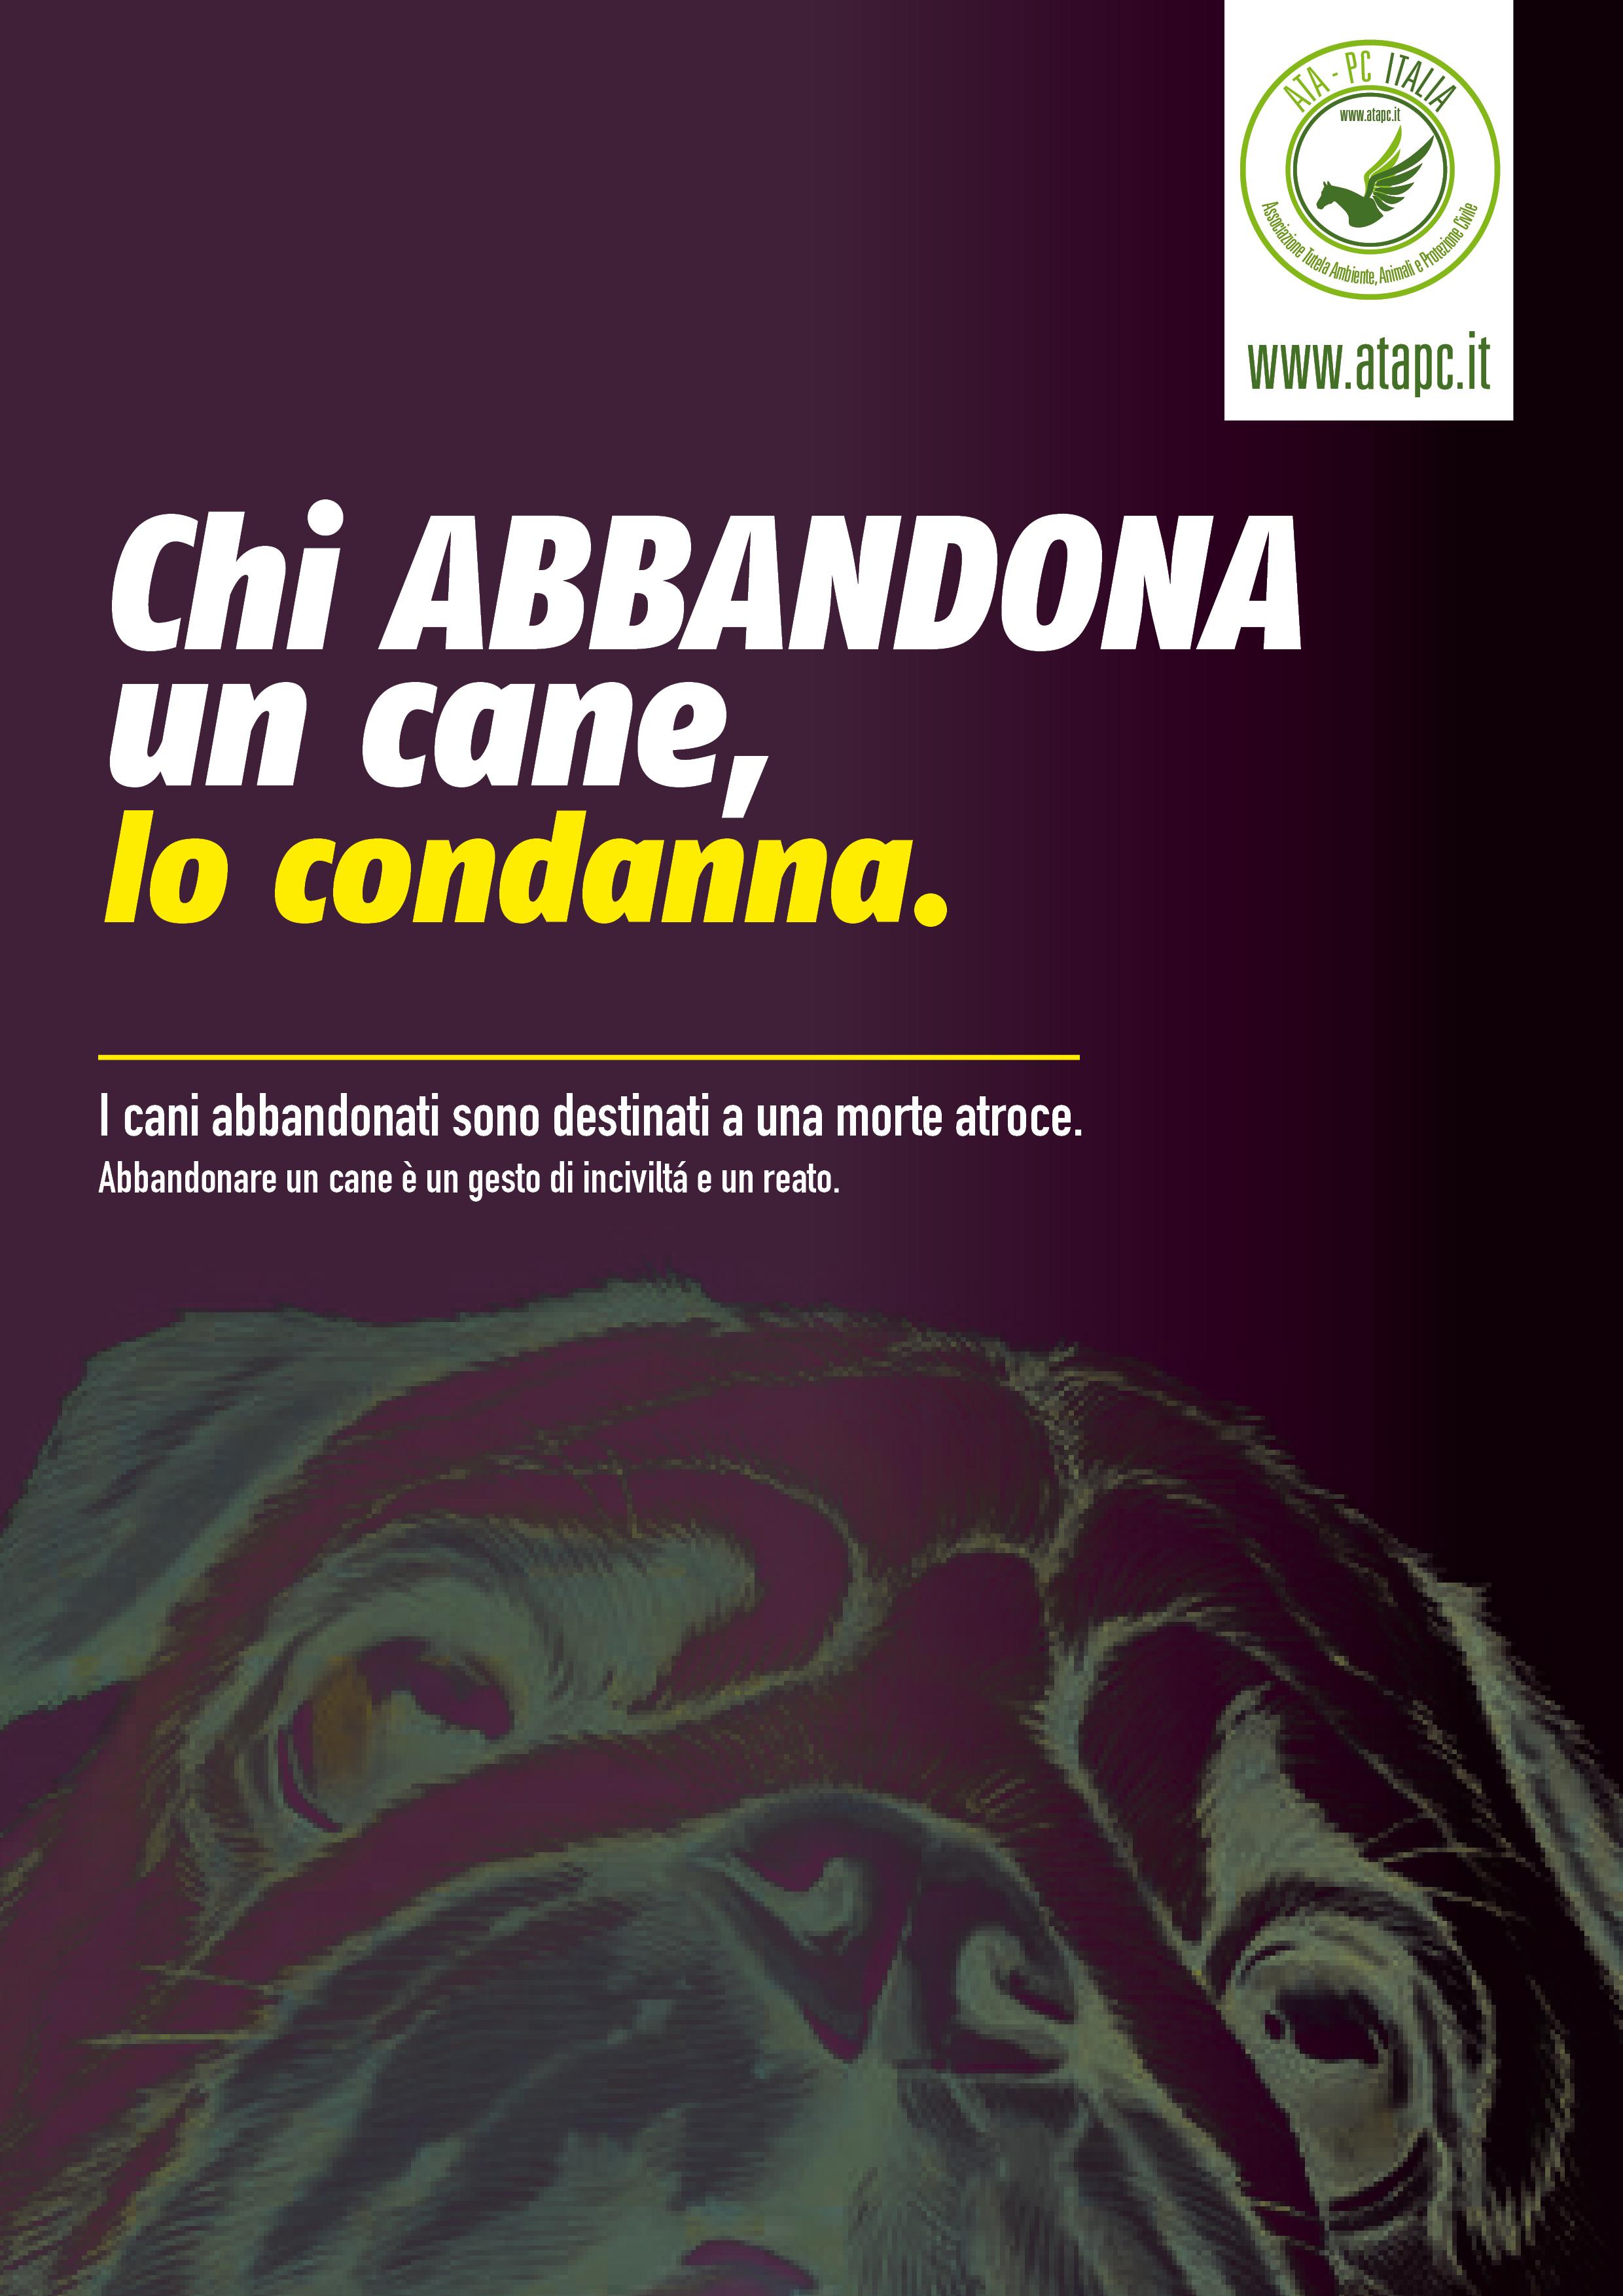 locandina-ATAPC